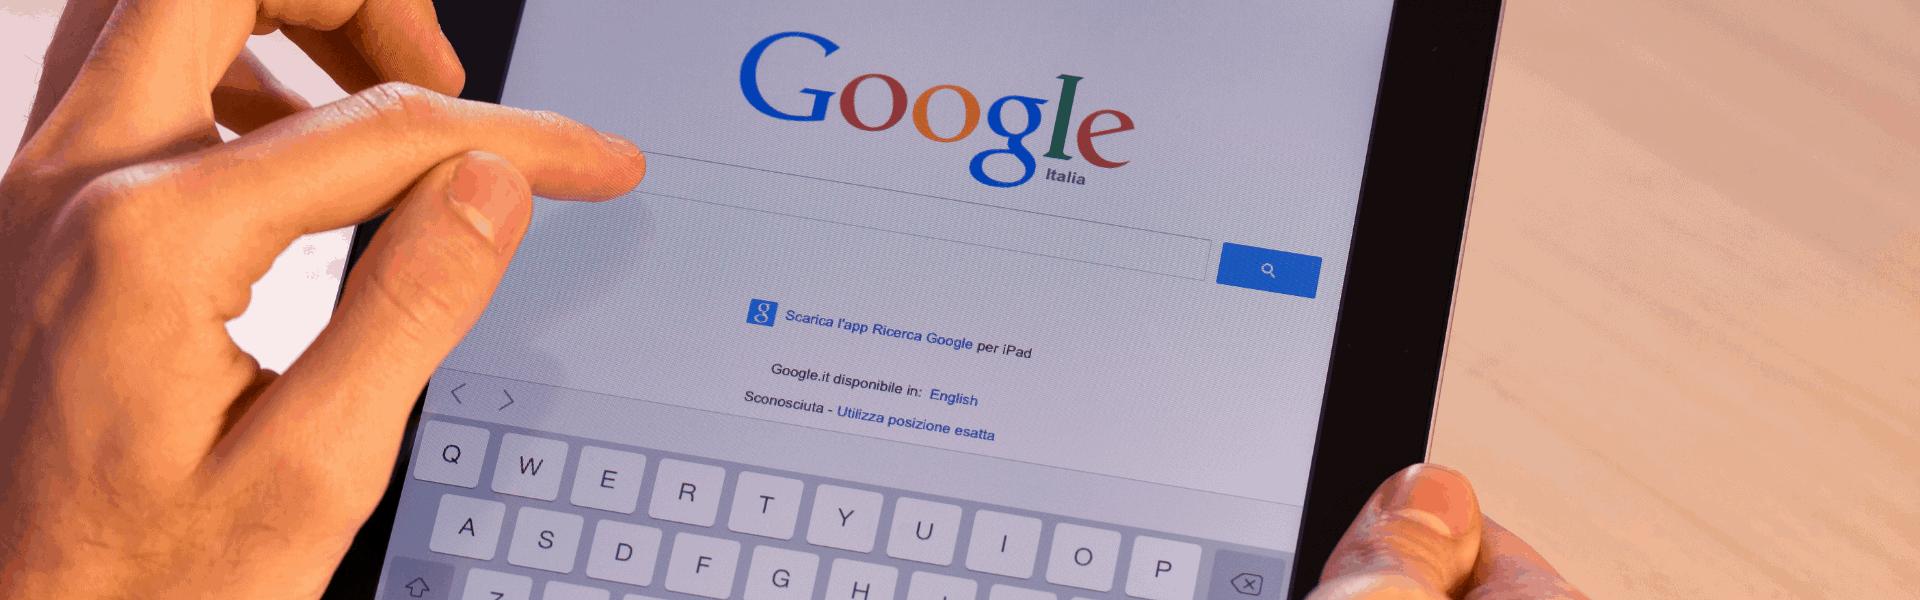 WebKom #onlinemarketeer - SEO - So funktioniert die Google-Suche - Suchalgorithmen